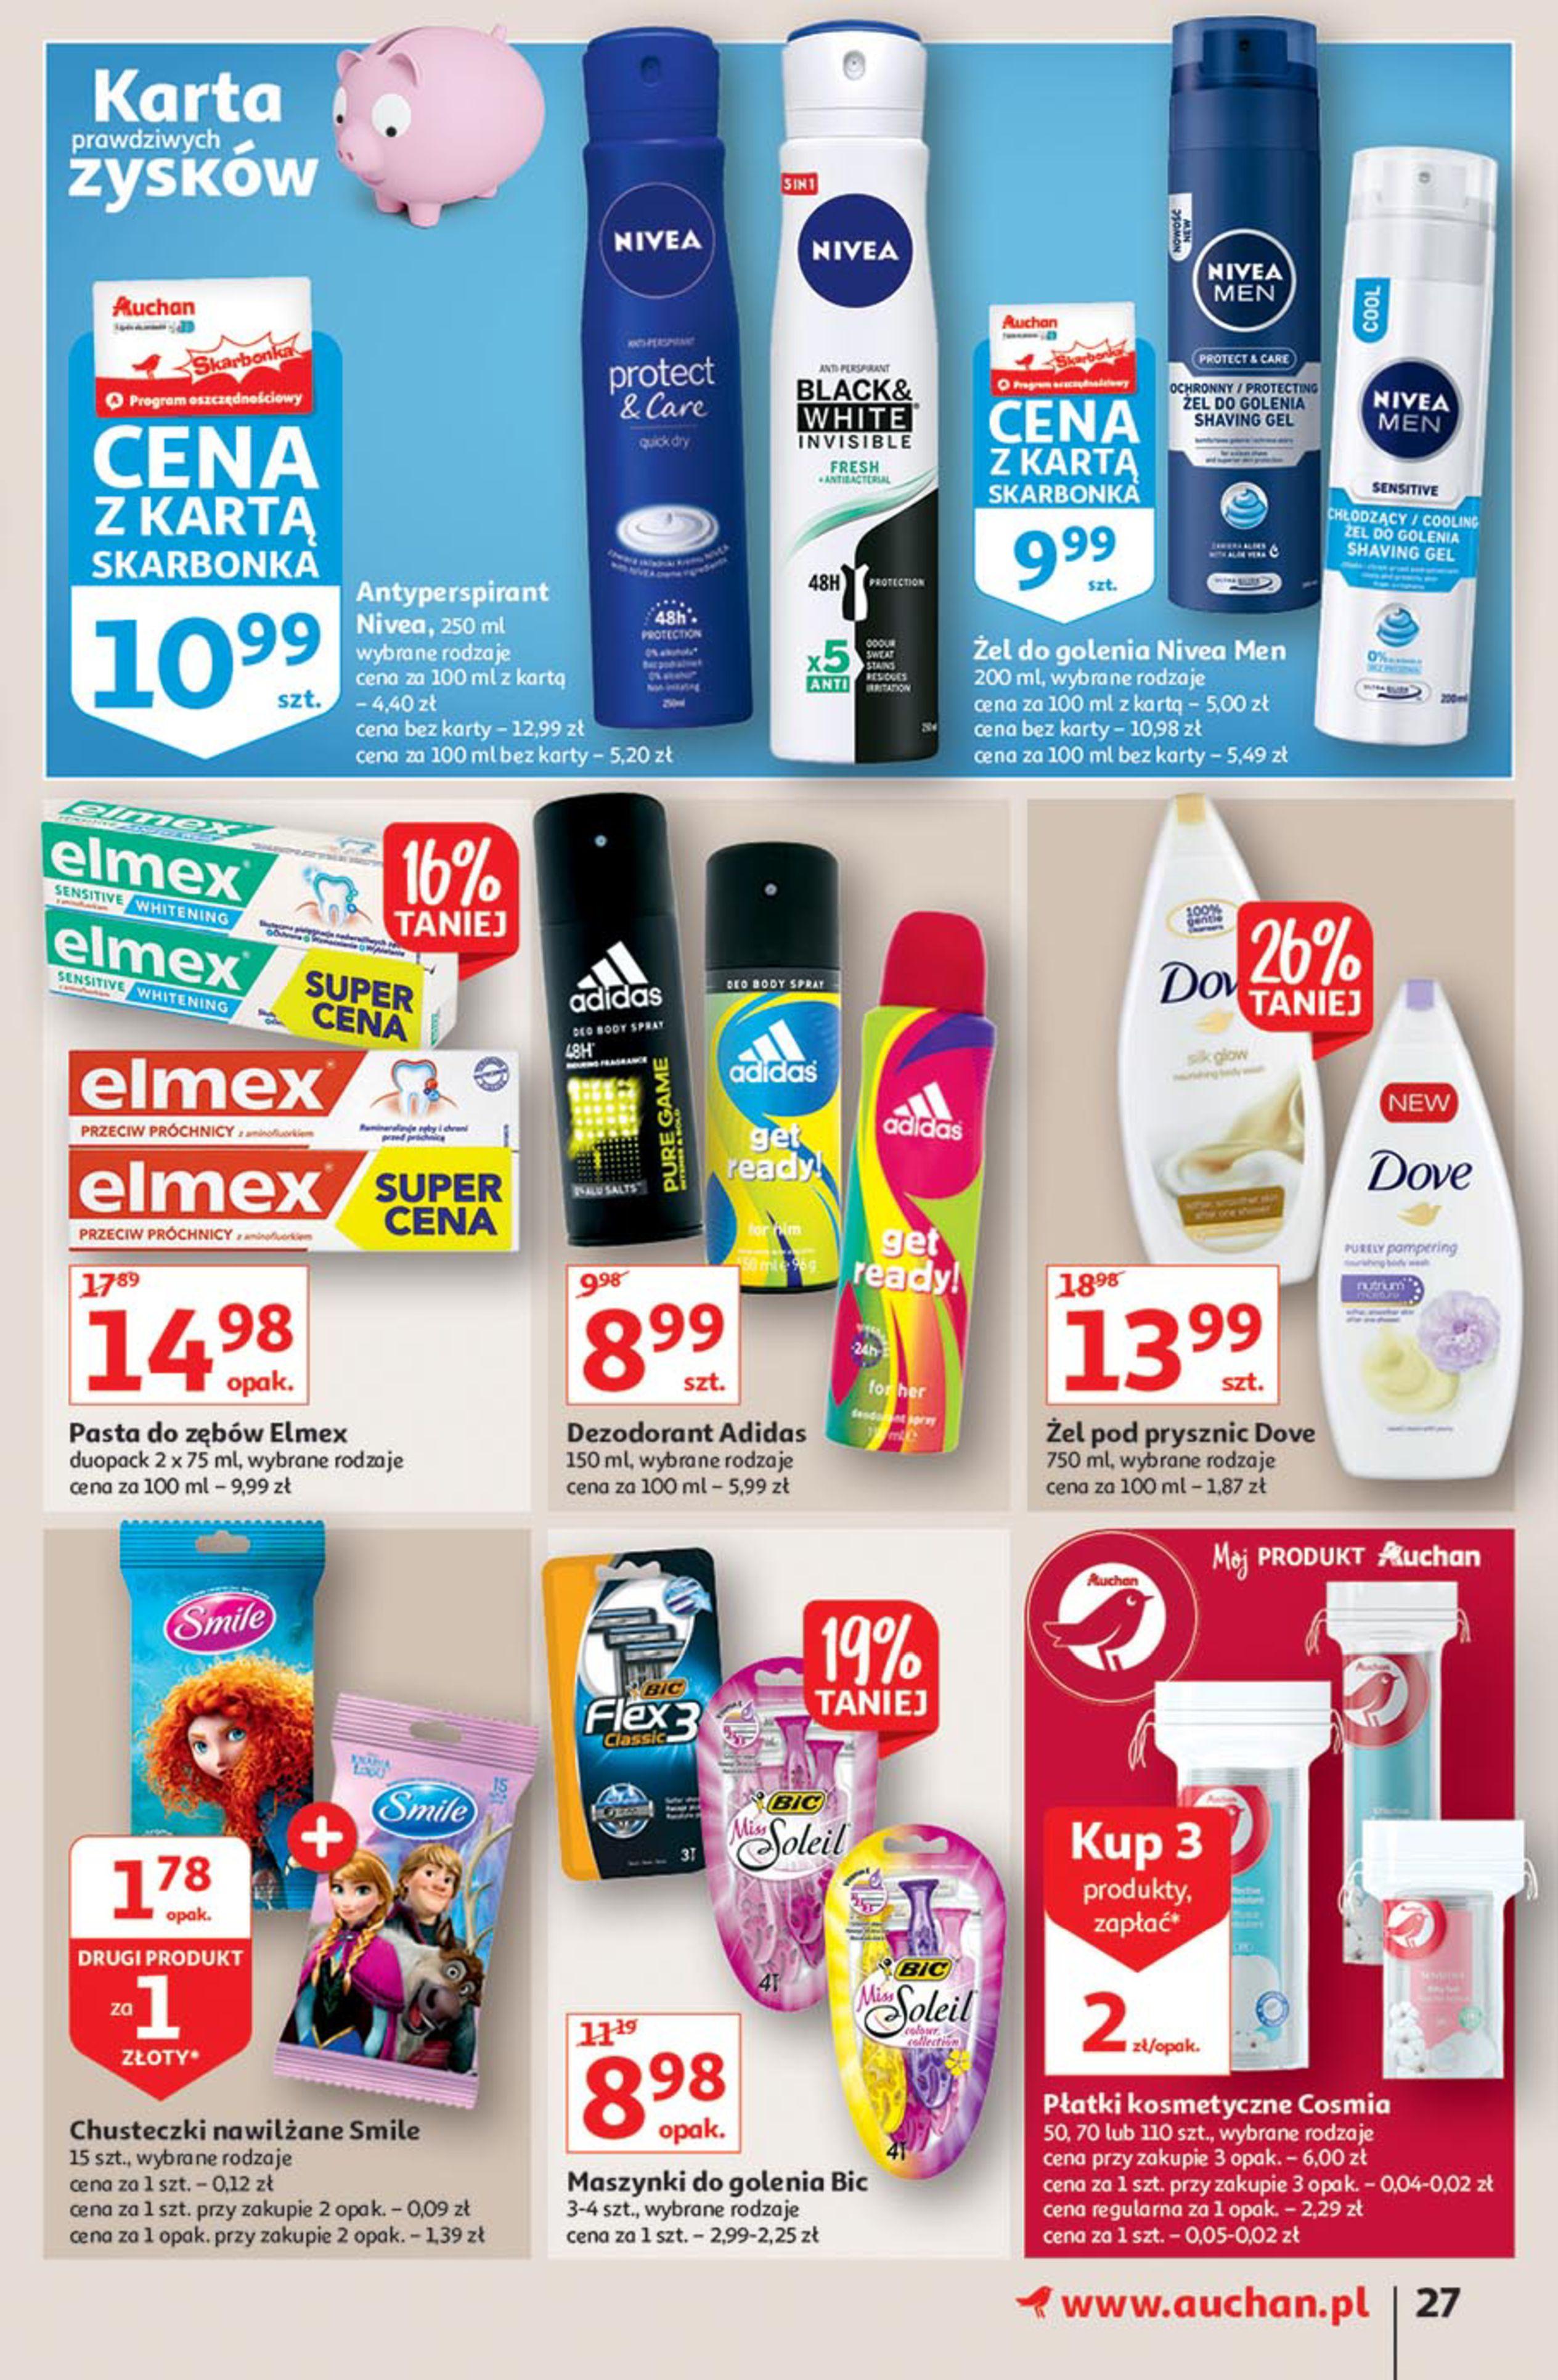 Gazetka Auchan: Gazetka Auchan - Euro 2020 2021-06-10 page-27